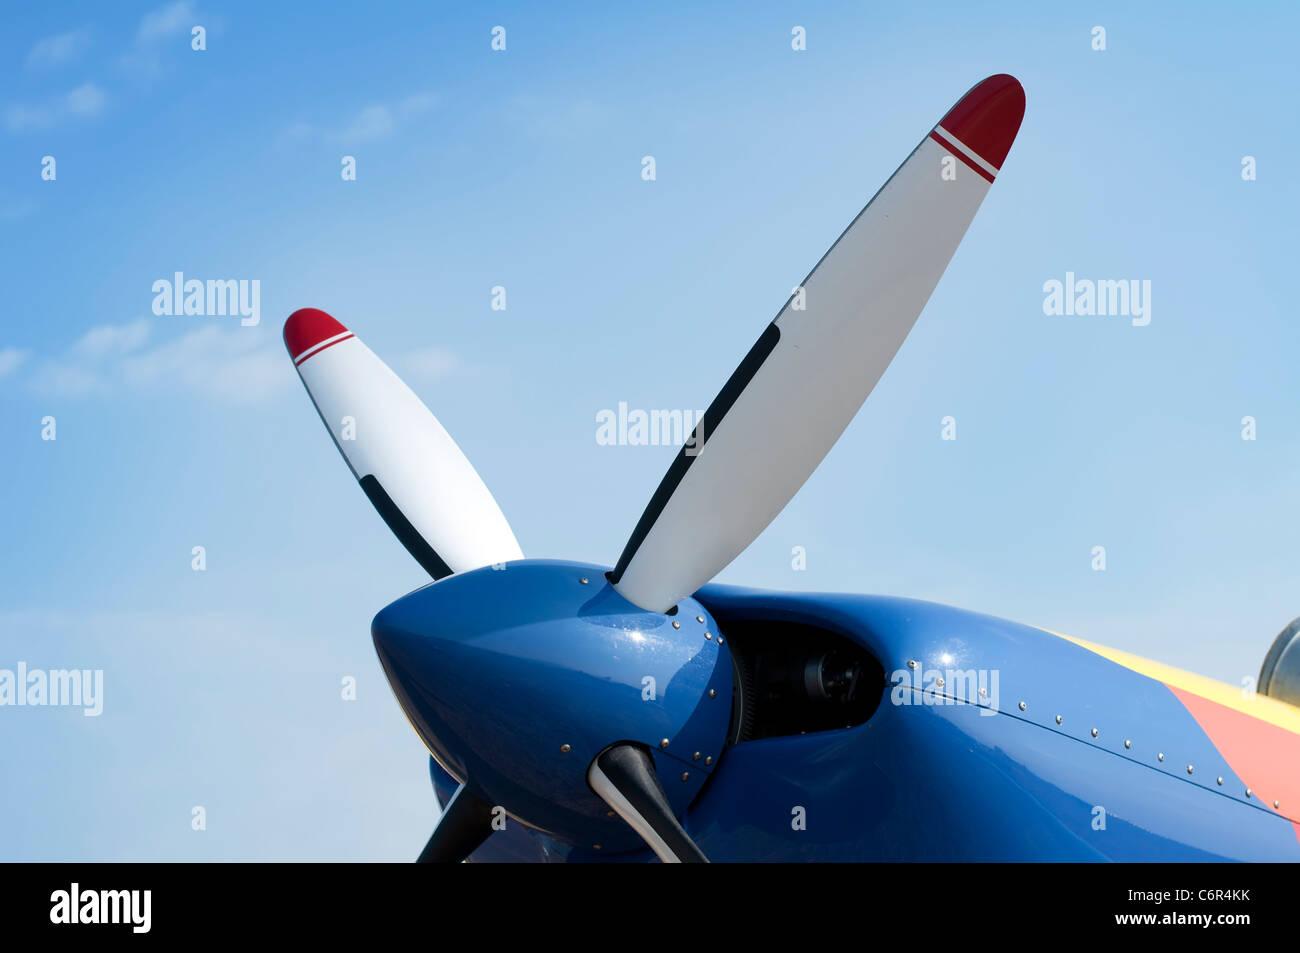 White plane propeller on blue sky background - Stock Image